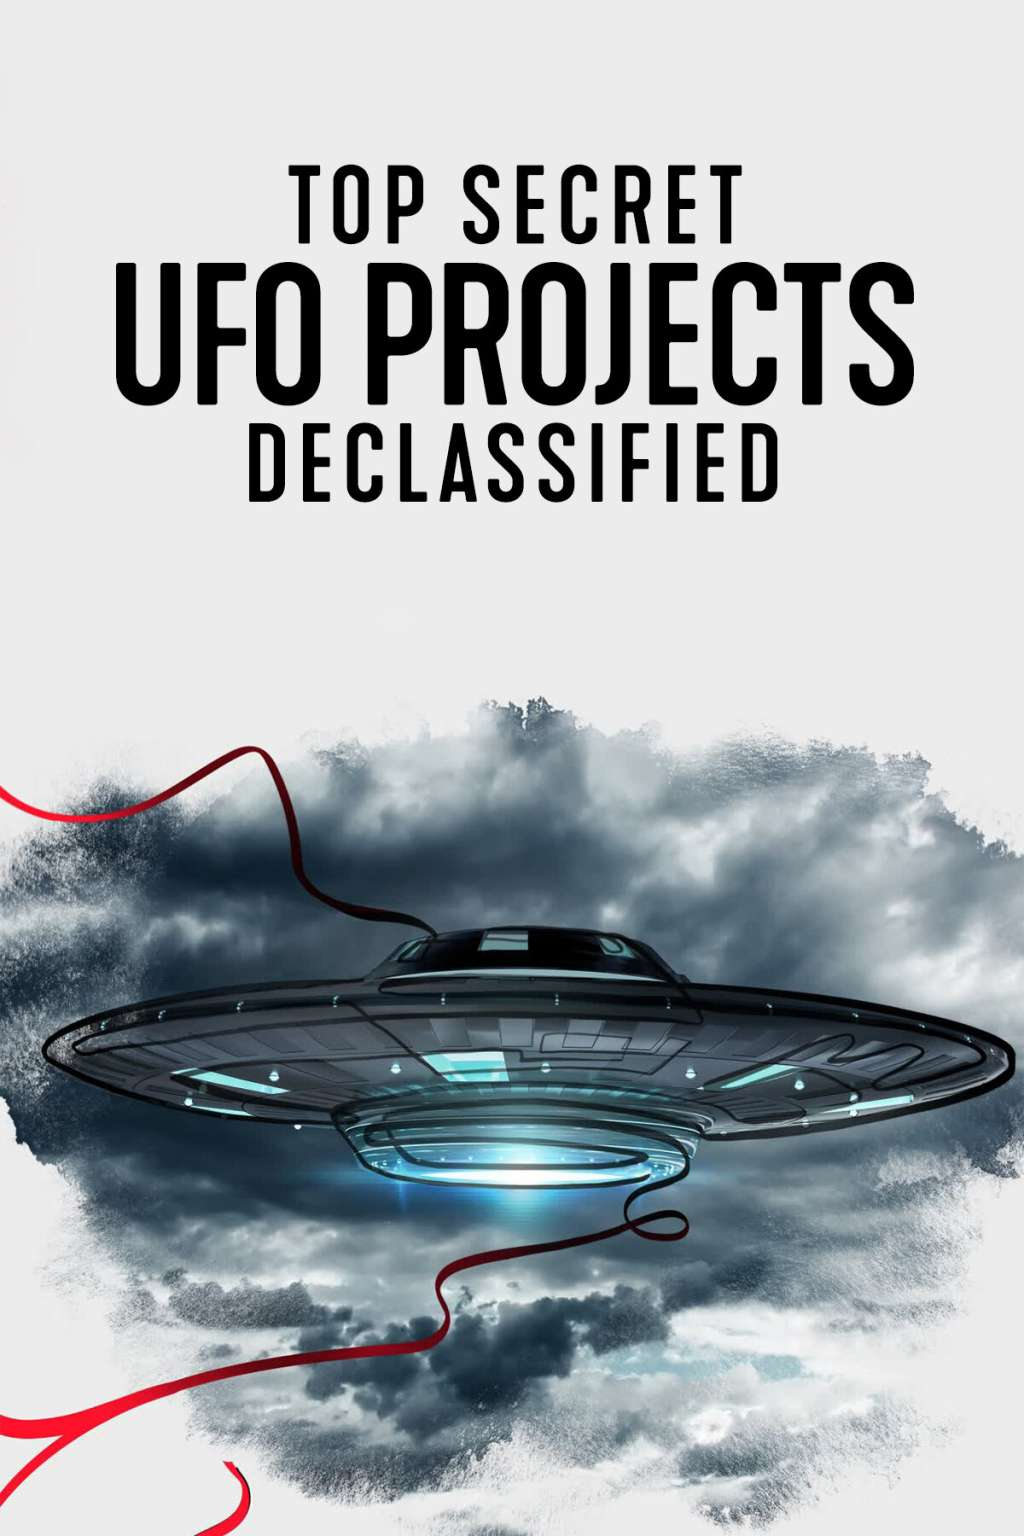 Top Secret UFO Projects: Declassified kapak